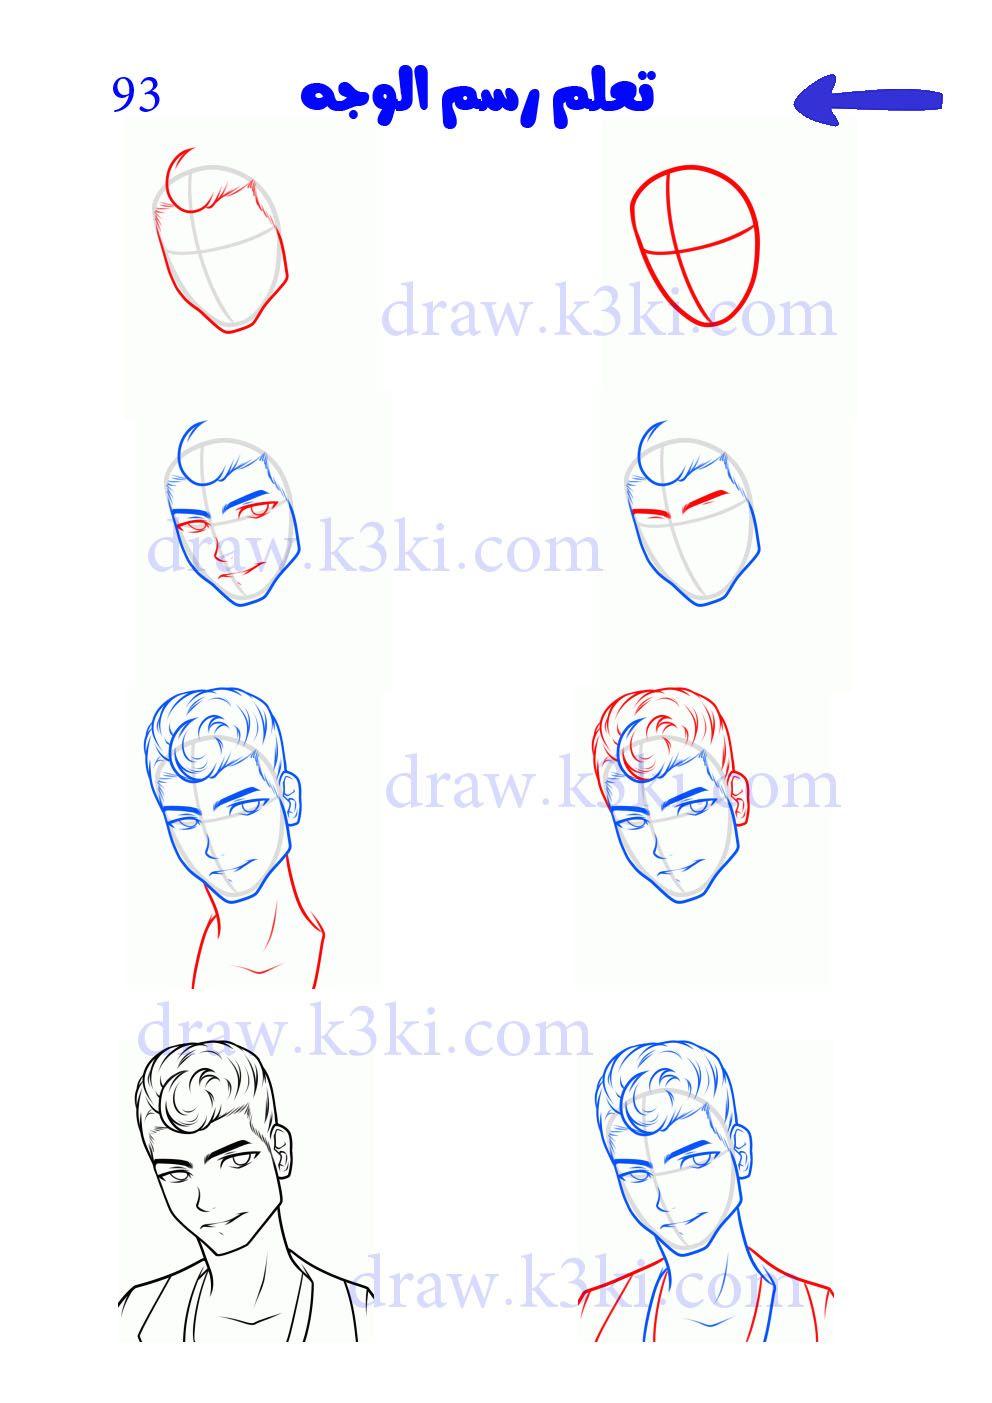 تعلم رسم الوجه تعلم الرسم ببساطة تعلم الرسم تعلم الرسم للمبتدئين تعلم الرسم بقلم الرصاص تعلم الرسم للأطفال تعلم ا Art Drawing Tutorial Art Drawings